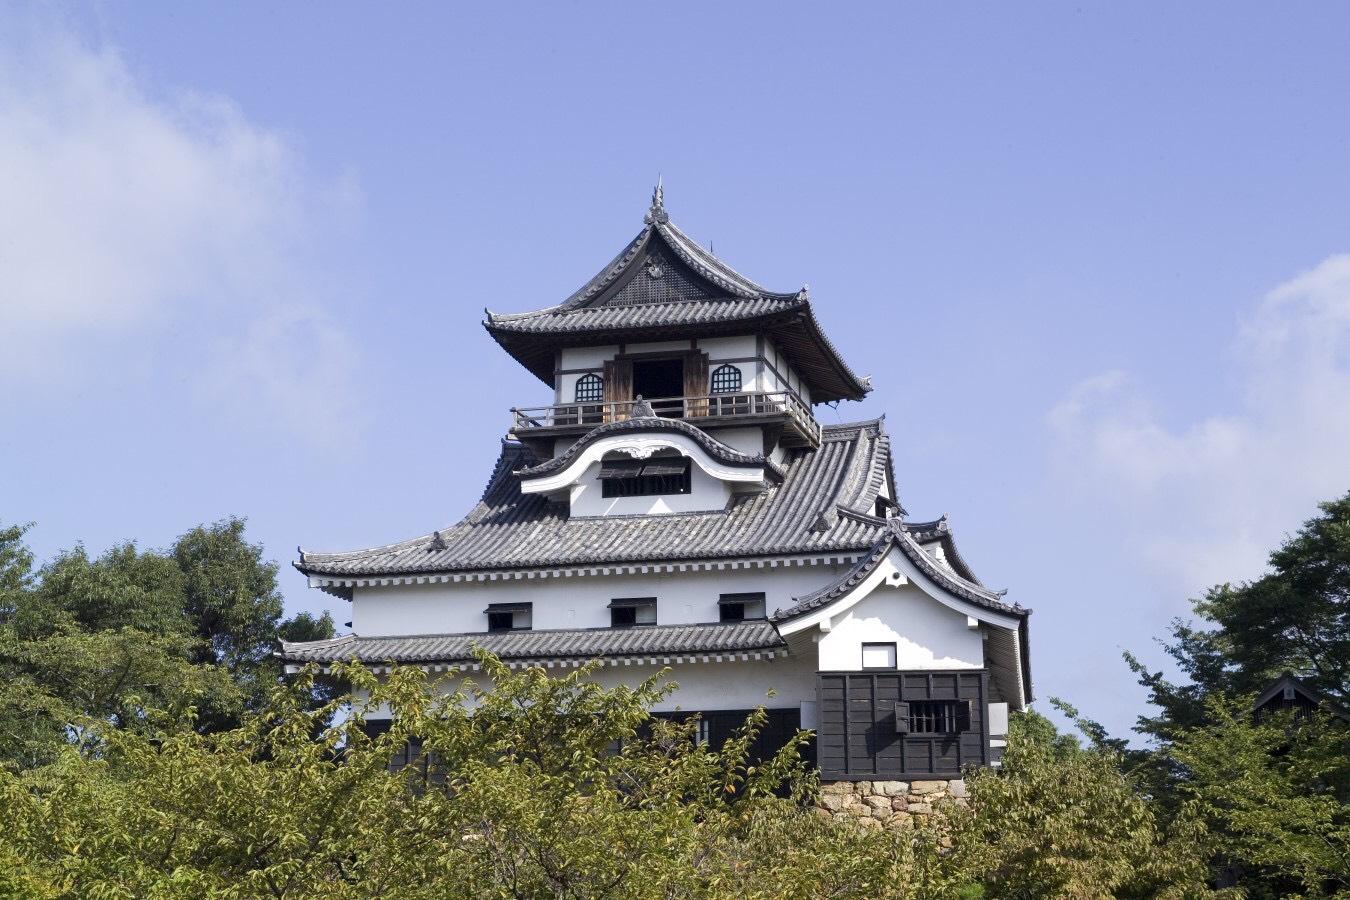 名古屋犬山城-中部探索之旅3